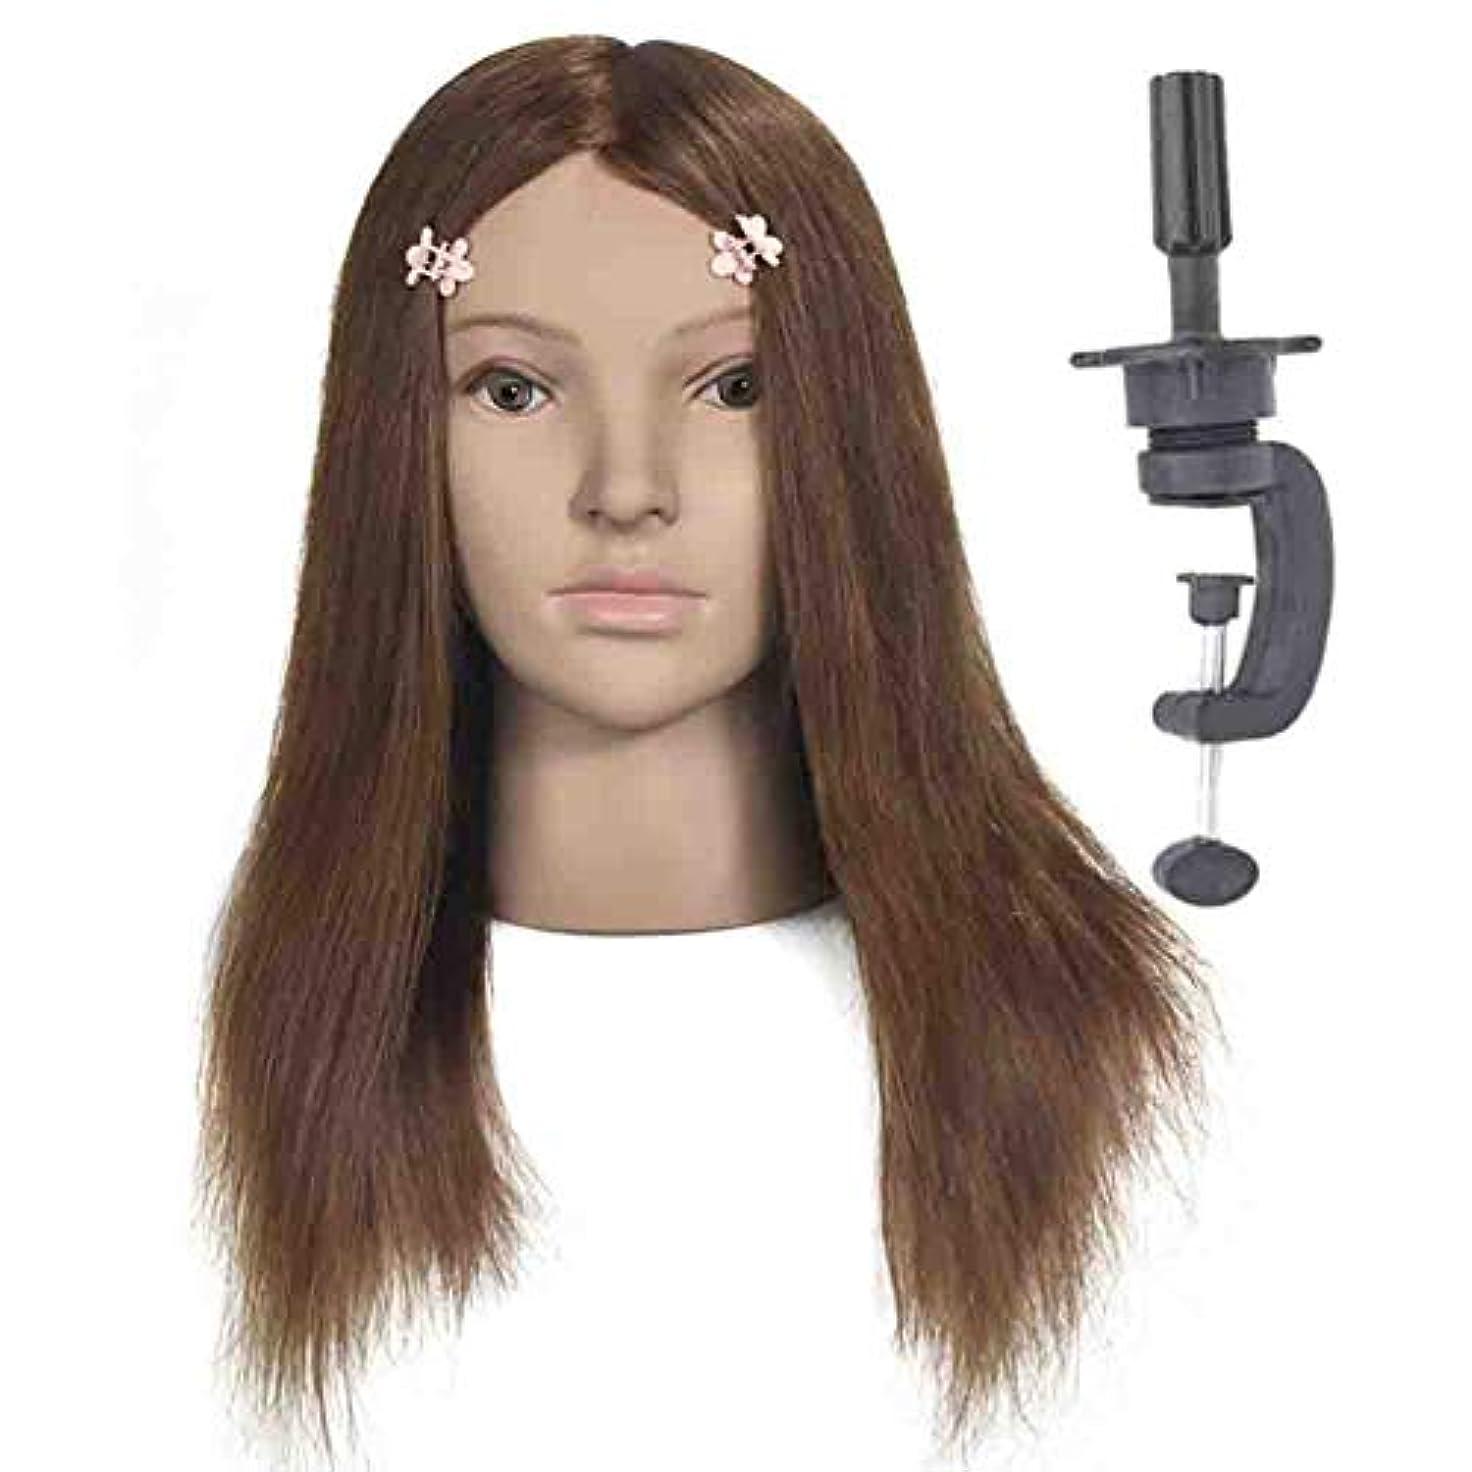 ショートカット反動ベギン100%本物の髪型モデルヘッド花嫁ヘアエクササイズヘッド金型理髪店学習ダミーヘッドはパーマ毛髪染料することができます